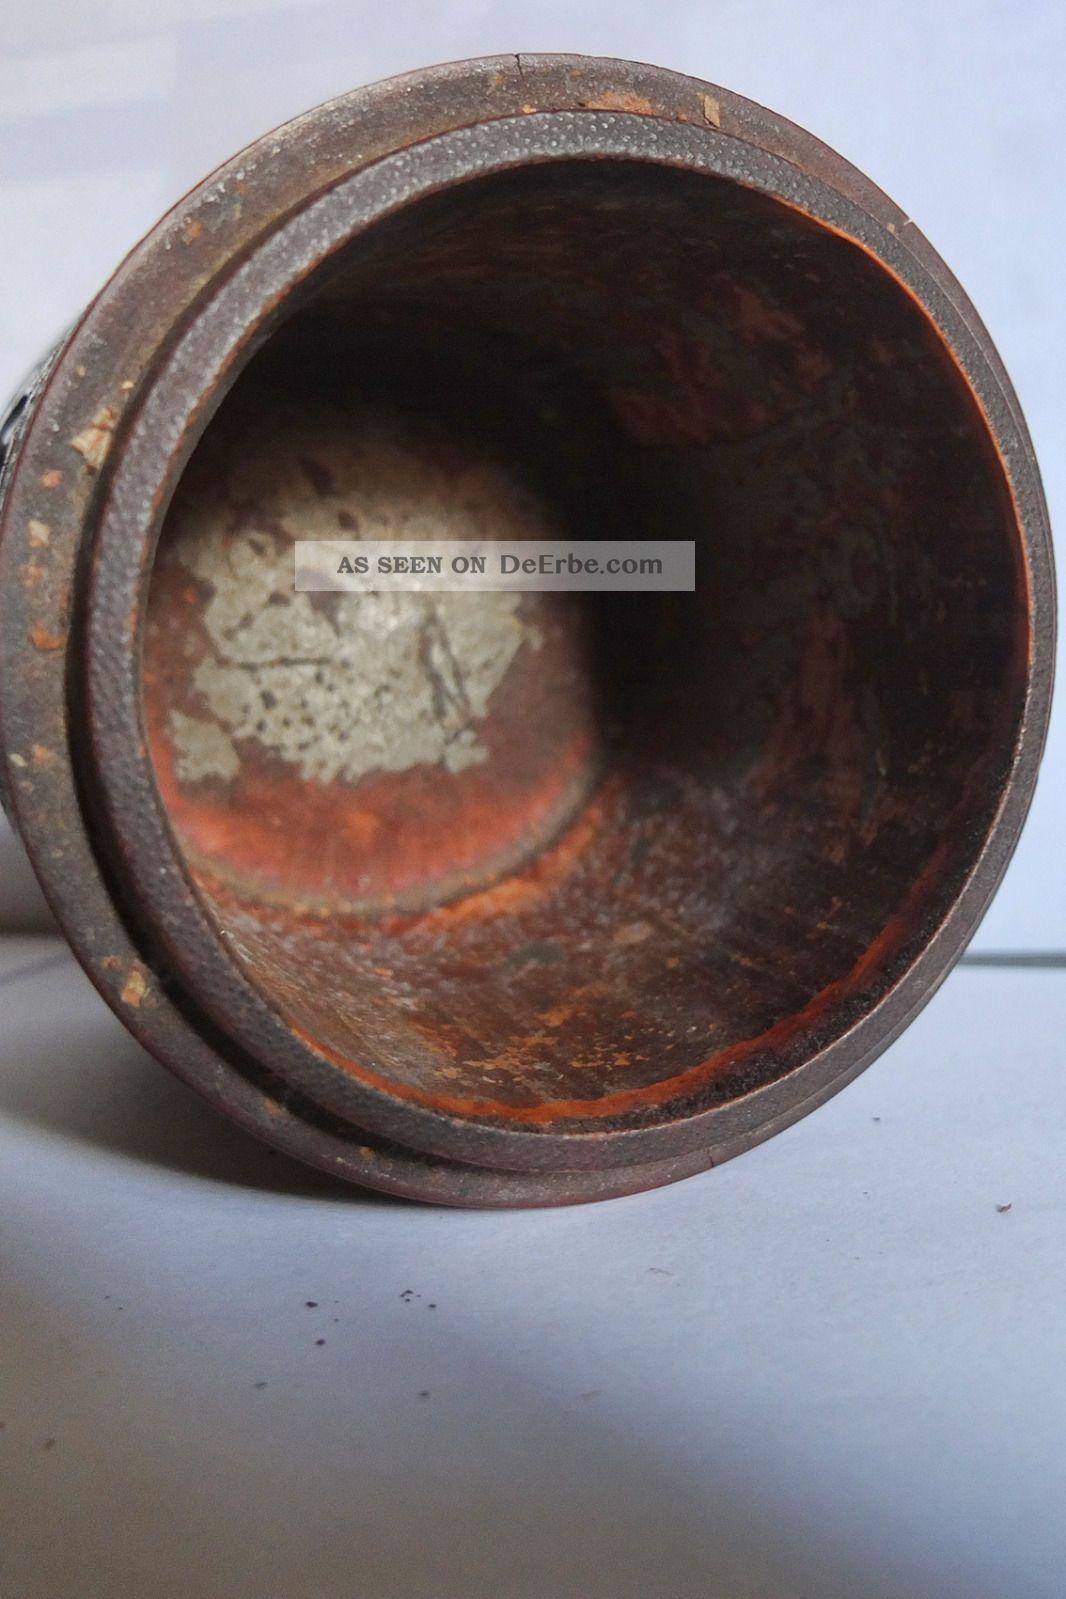 alte antike holzbox zylinder mit filigranen schnitzereien 16 cm mit deckel. Black Bedroom Furniture Sets. Home Design Ideas